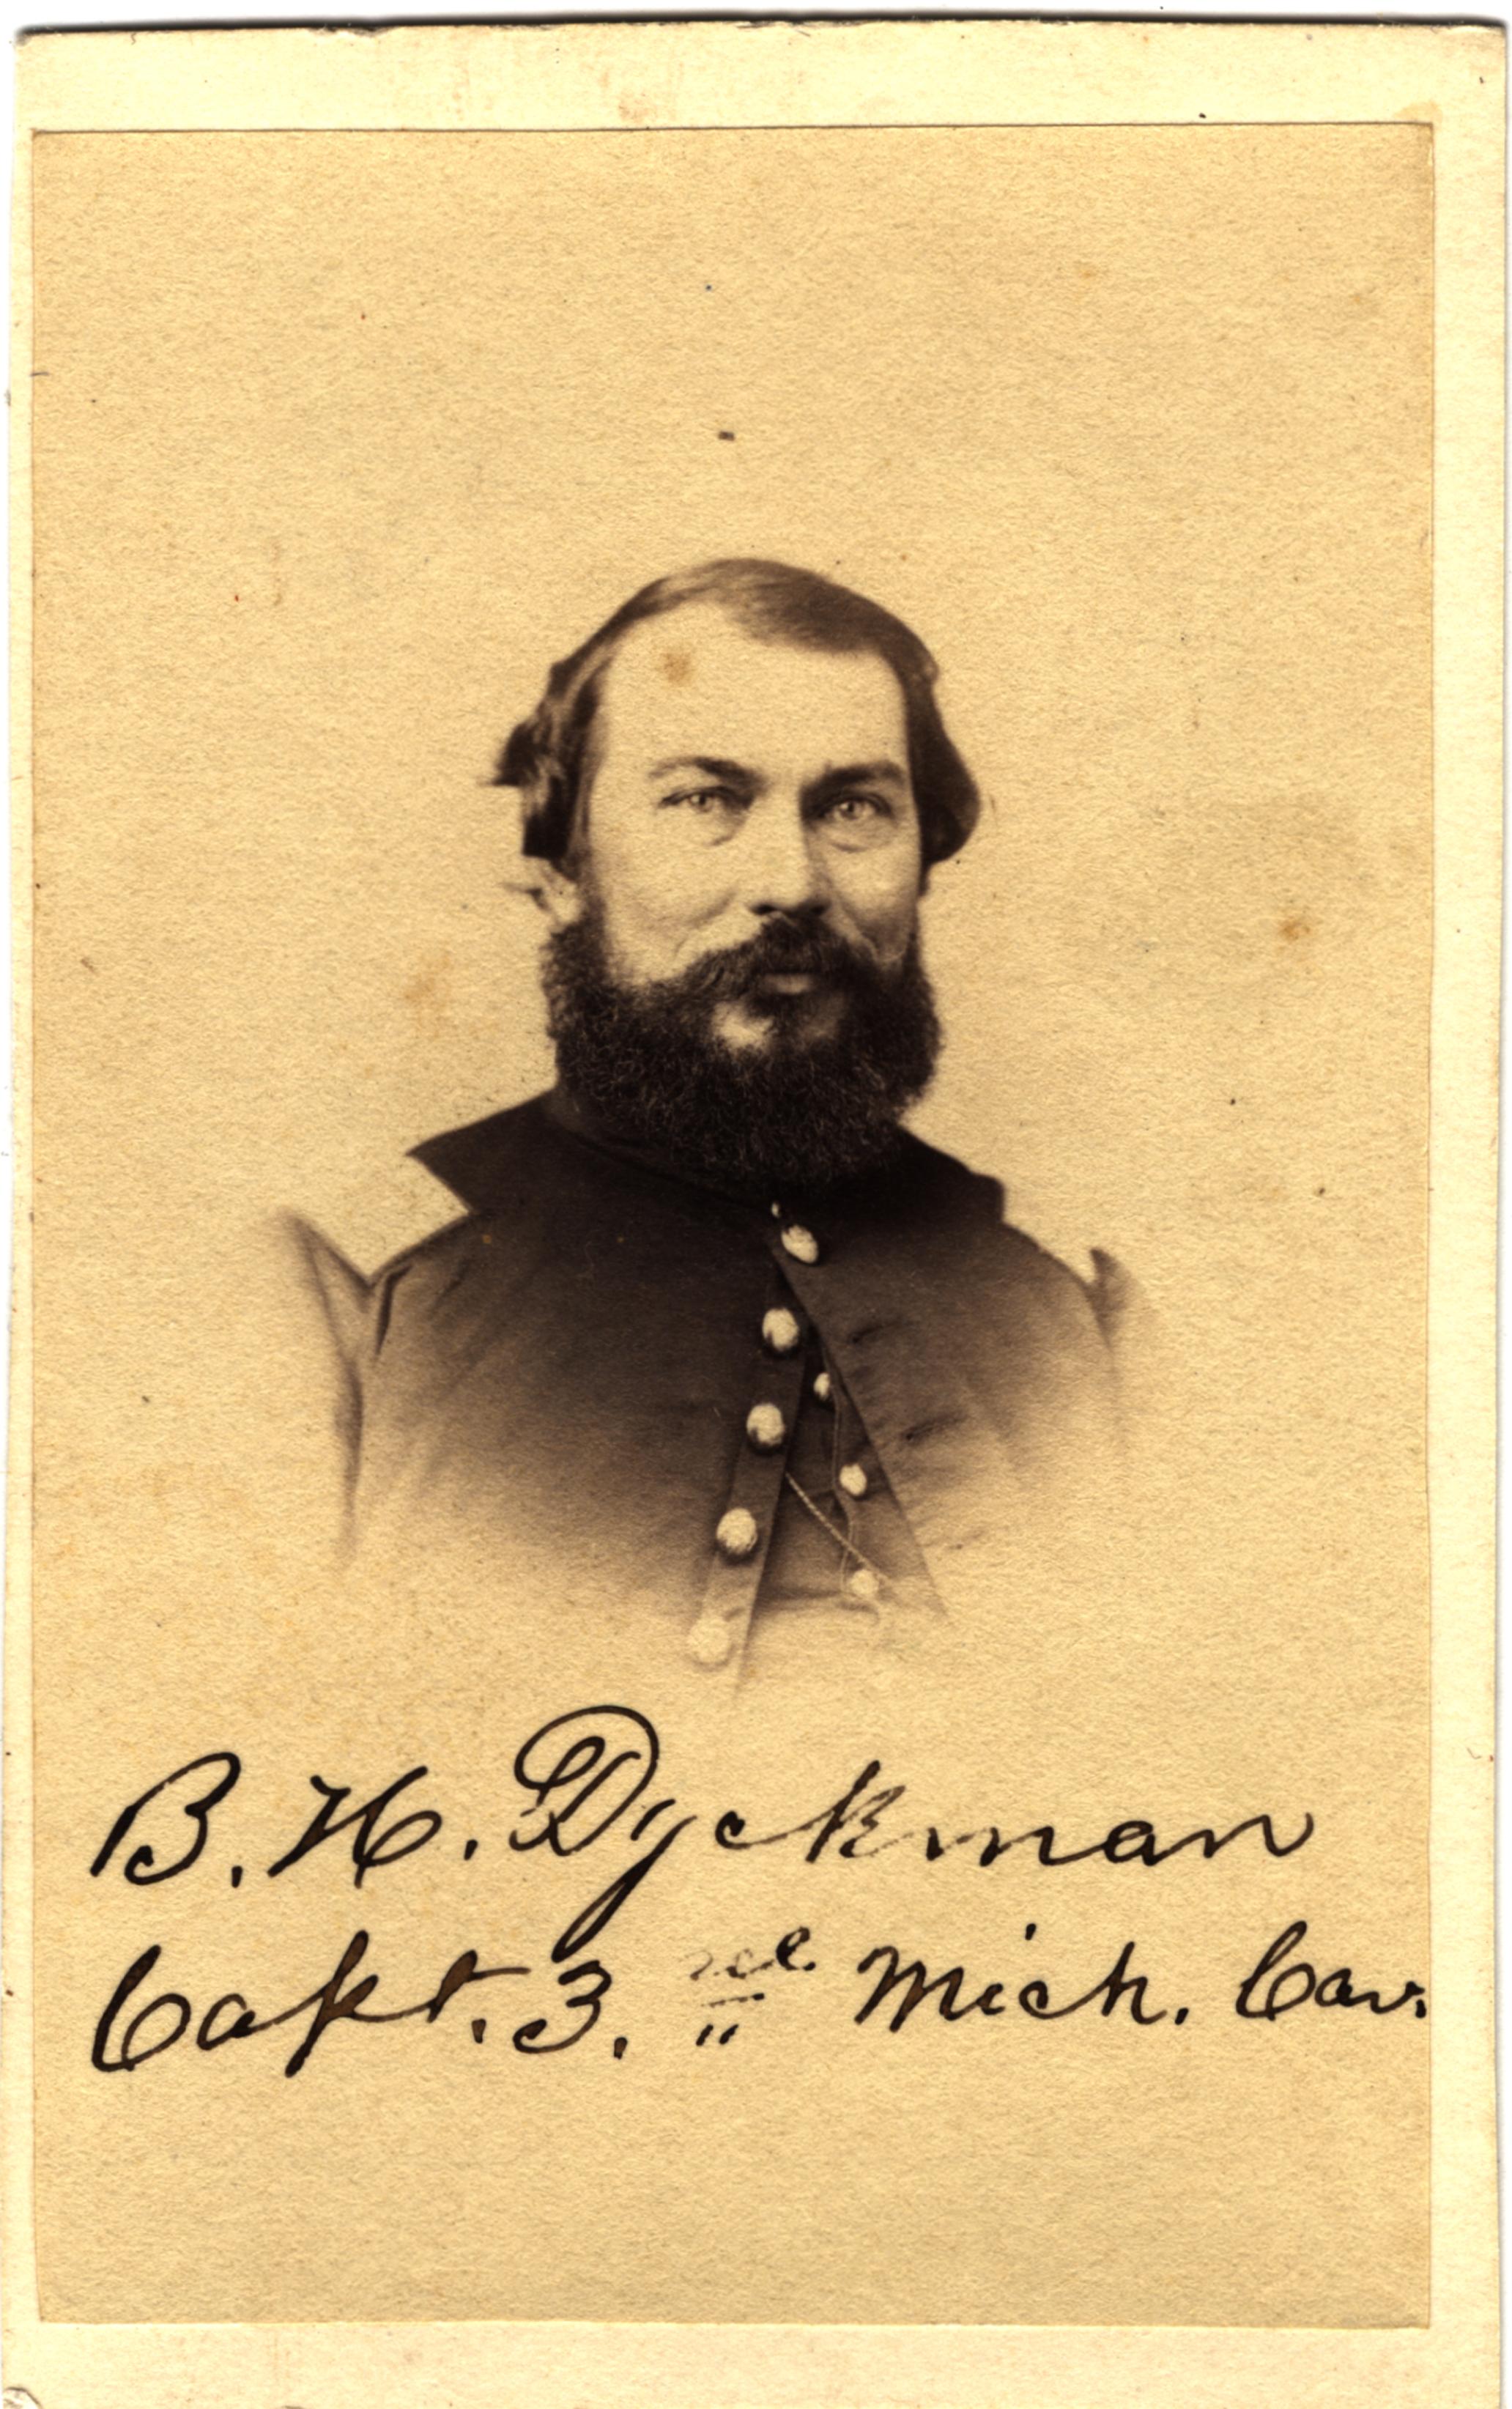 Barney H. Dyckman, circa 1860s